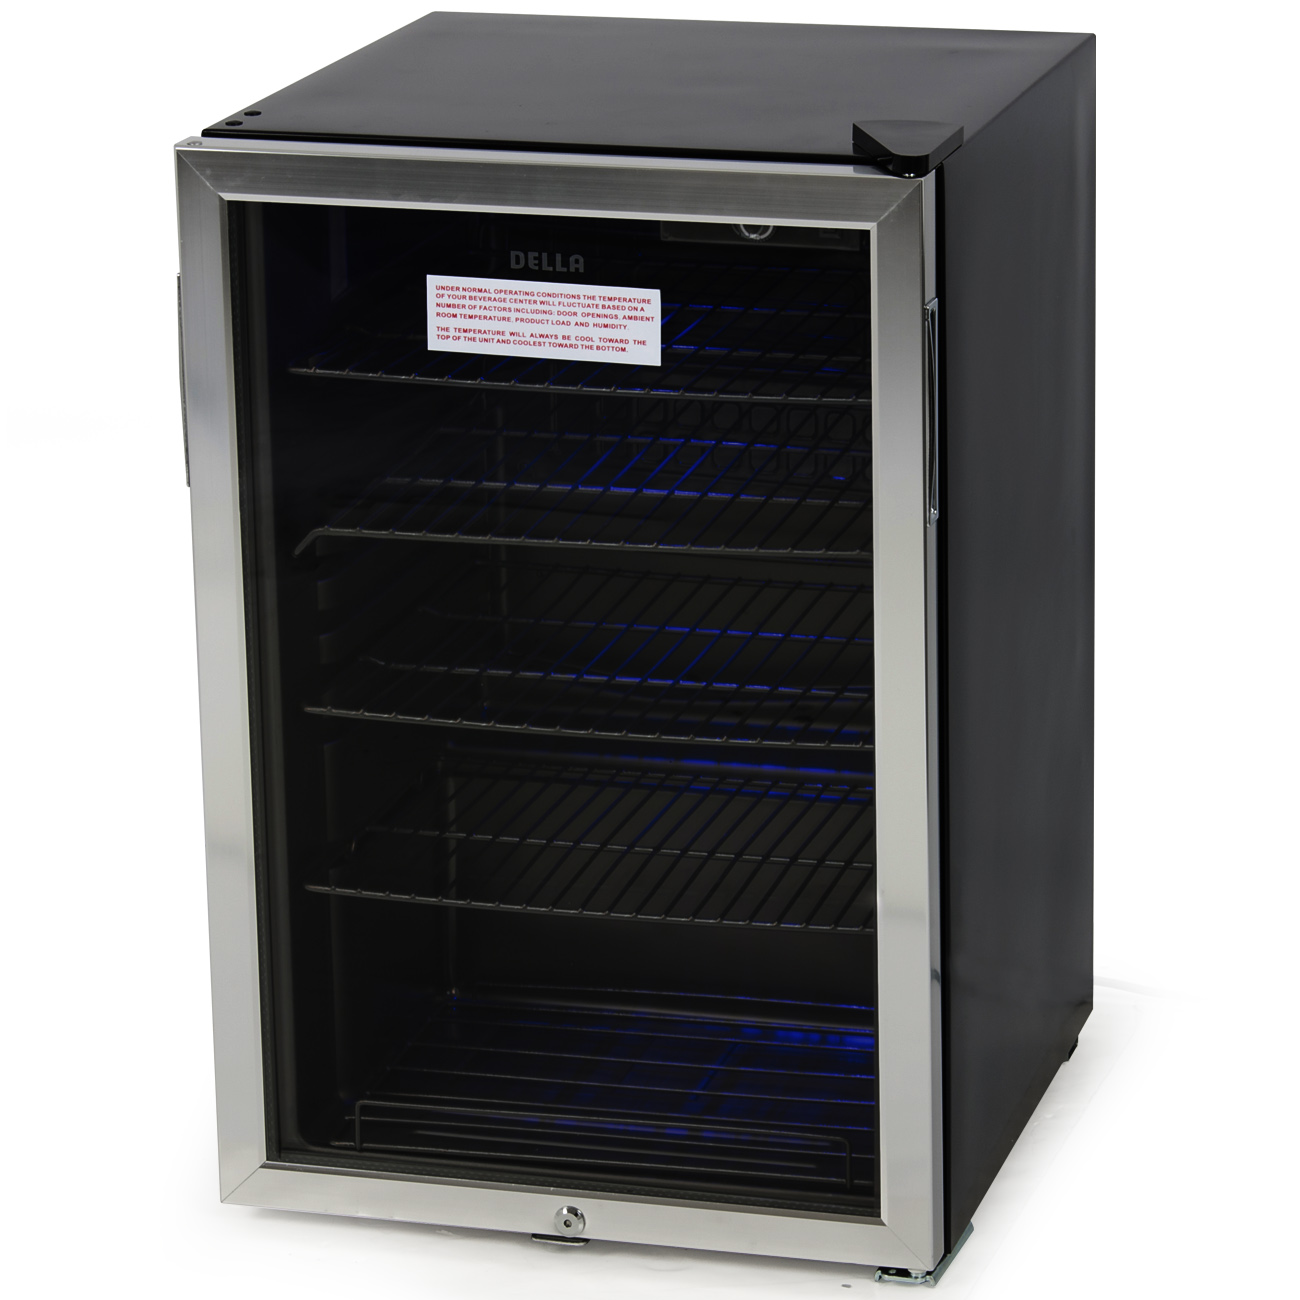 beverage mini refrigerator fridge stand wine soda beer water drinks bar cooler ebay. Black Bedroom Furniture Sets. Home Design Ideas